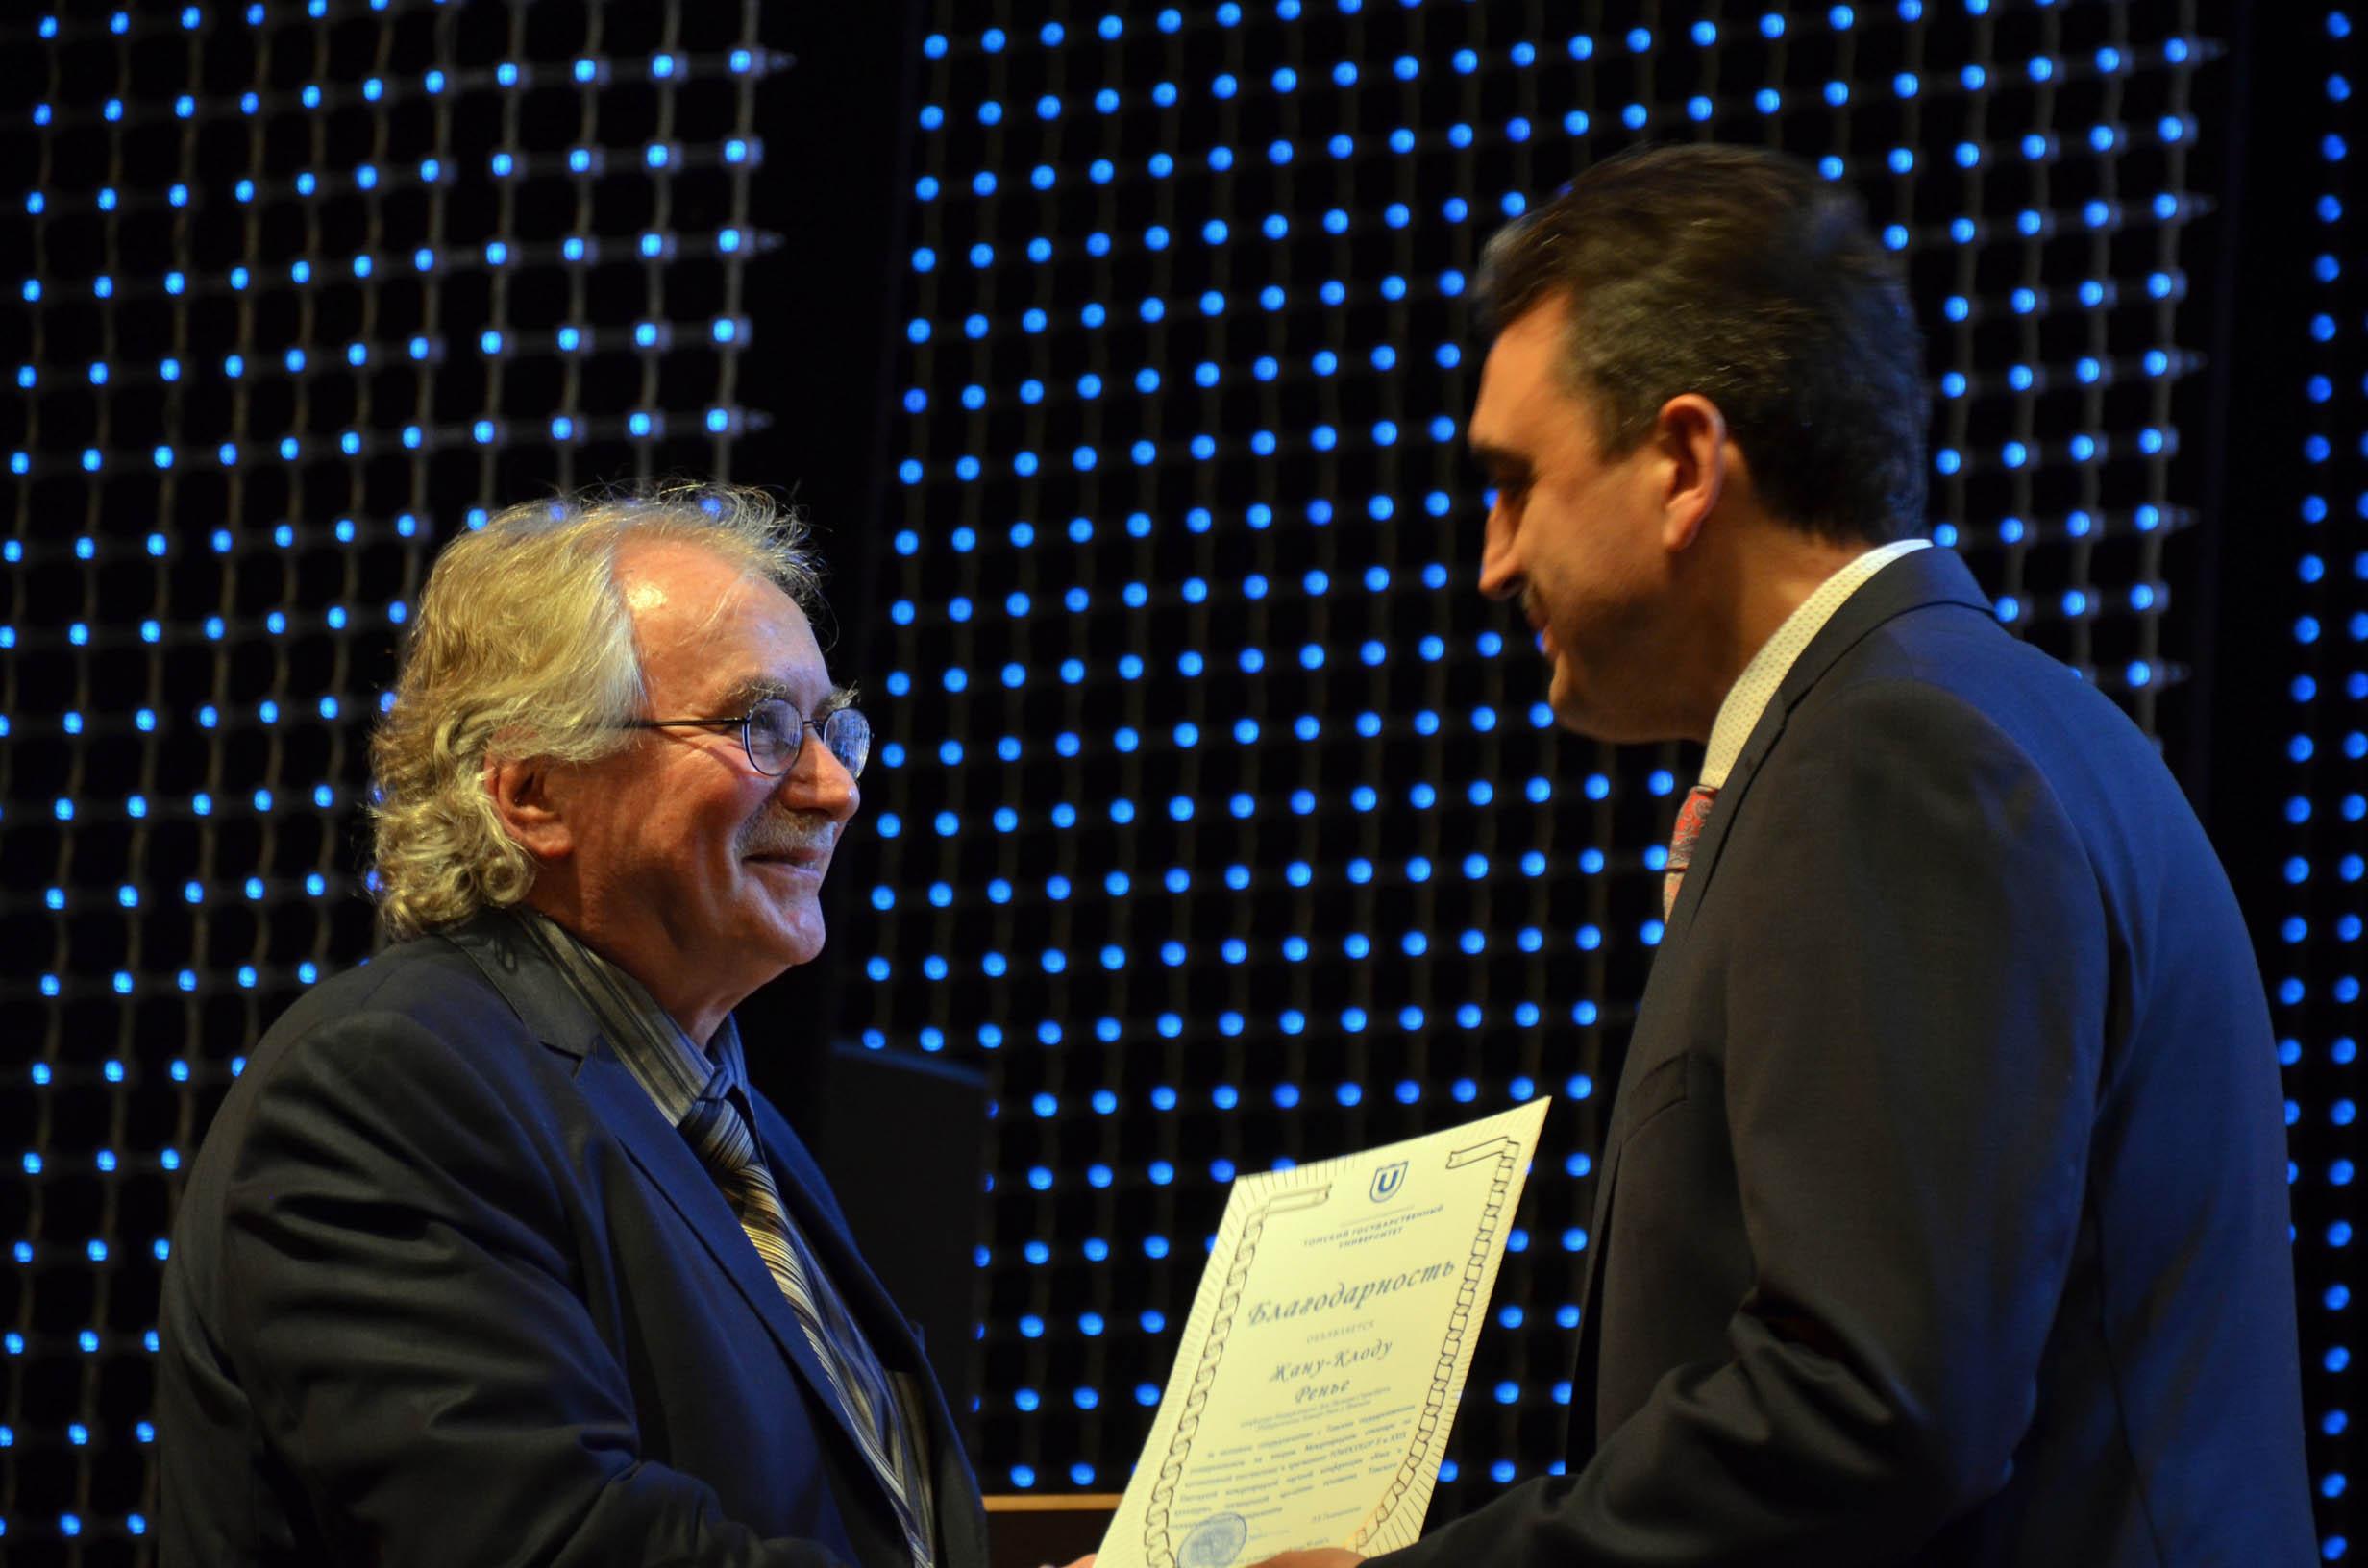 Jean-Claude Régnier reçoit la médaille de l'Université d'Etat de Tomsk (Russie)